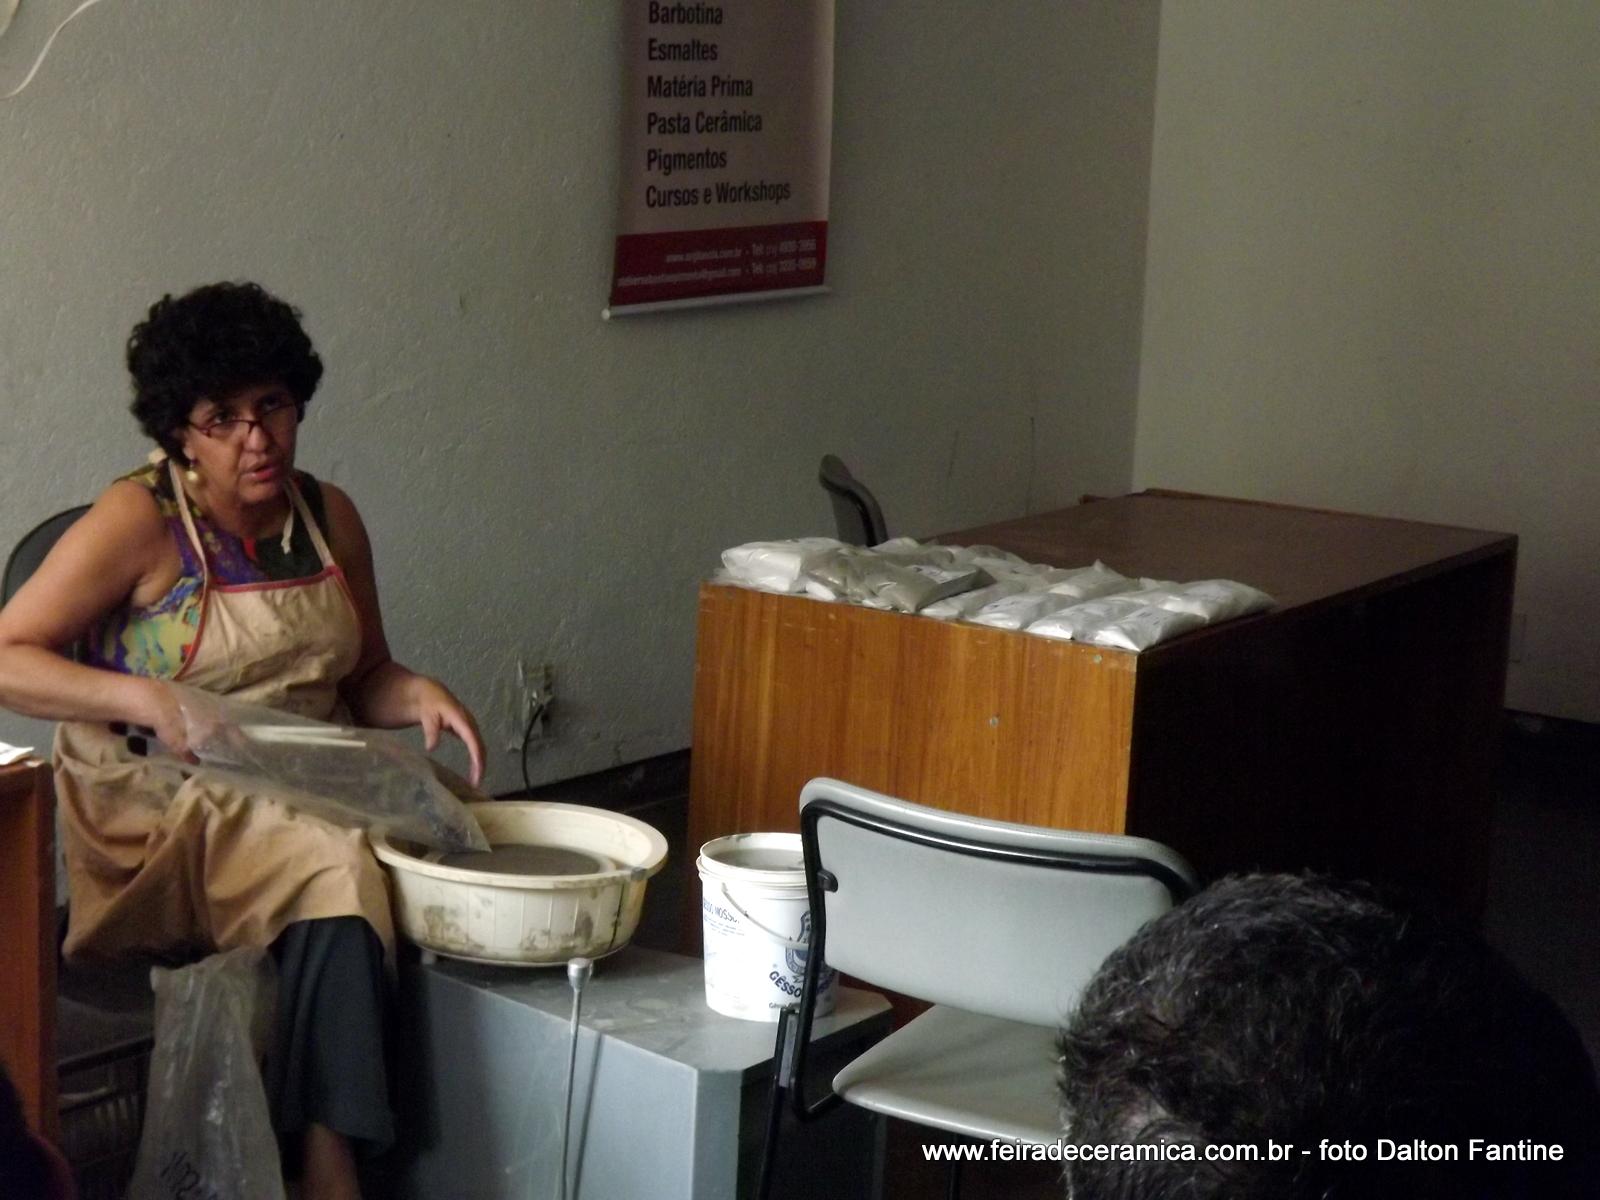 Ângela Maciel dando demonstração de torno